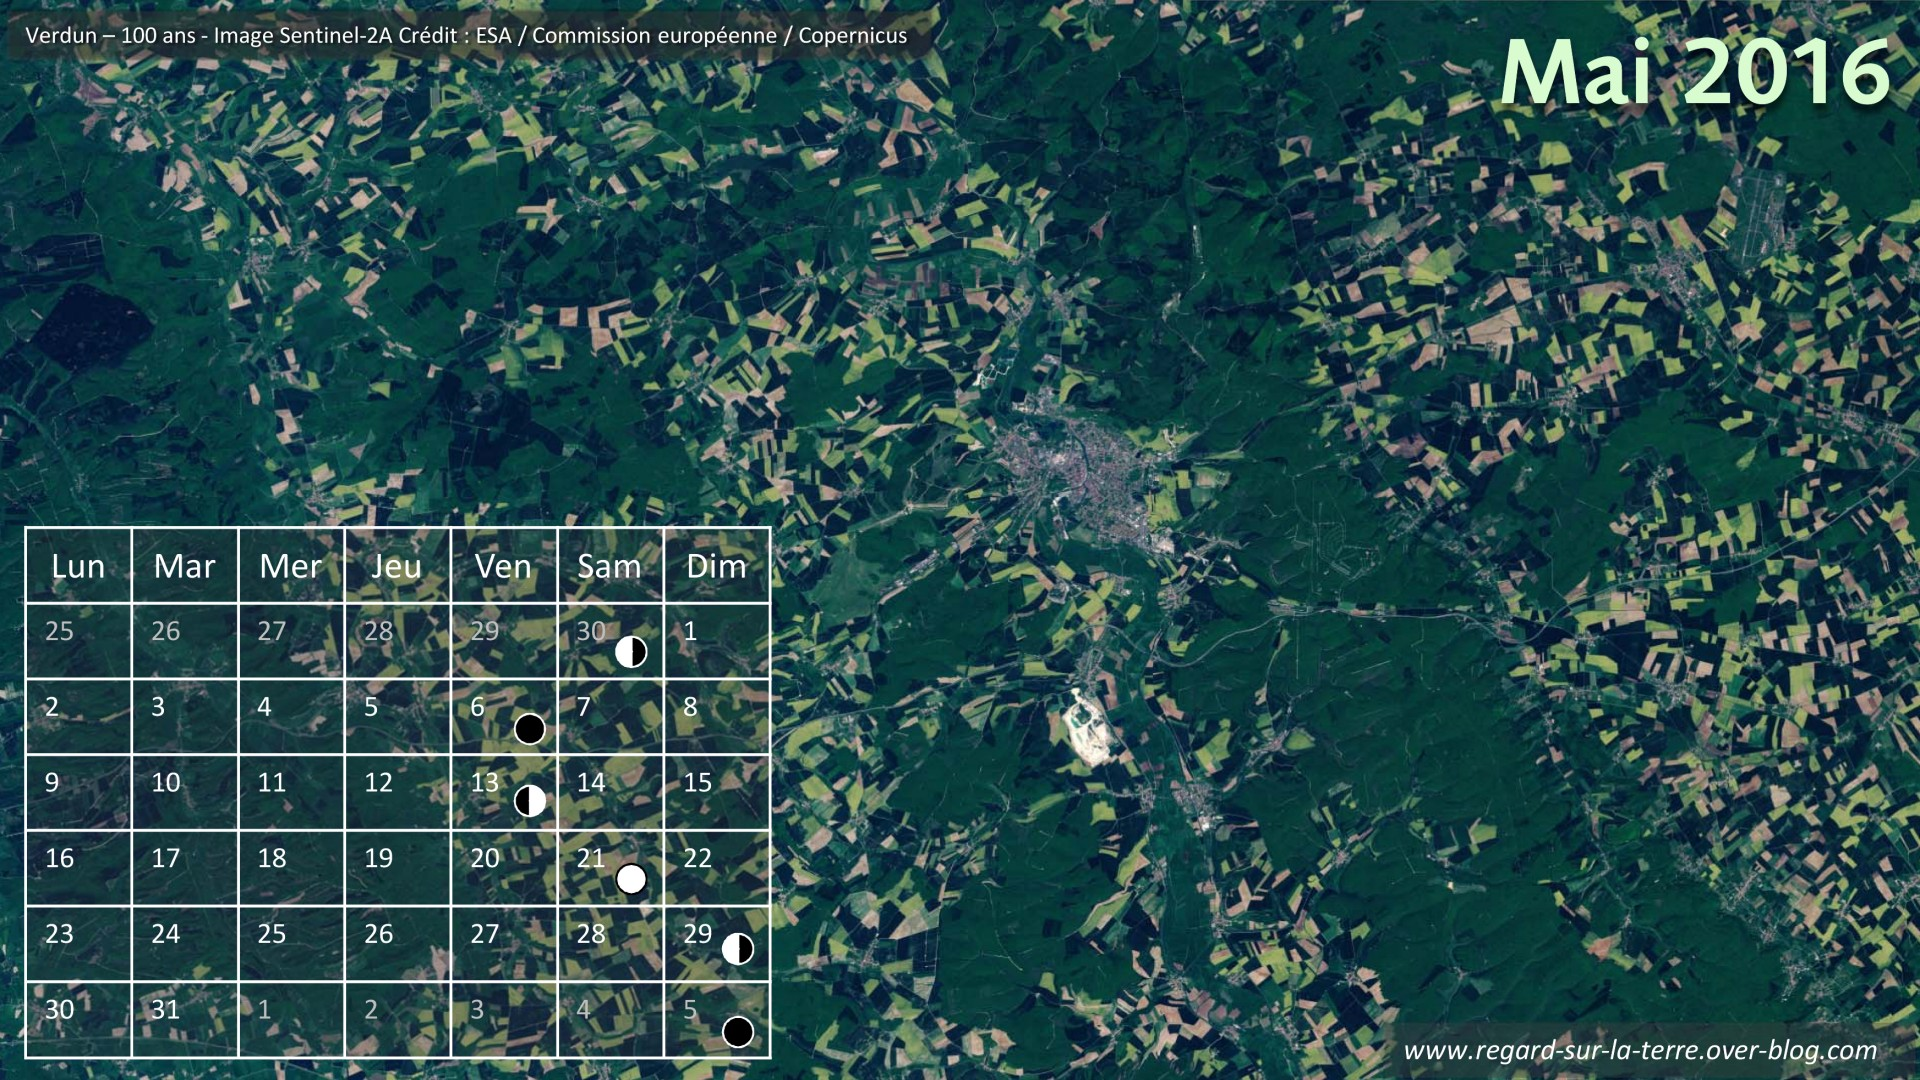 Bataille de Verdun - Commémoration - Mai 2016 - Douaumont - Calendrier spatial 2016 - Hollande - Merkel - Première guerre mondiale - forêt de Verdun